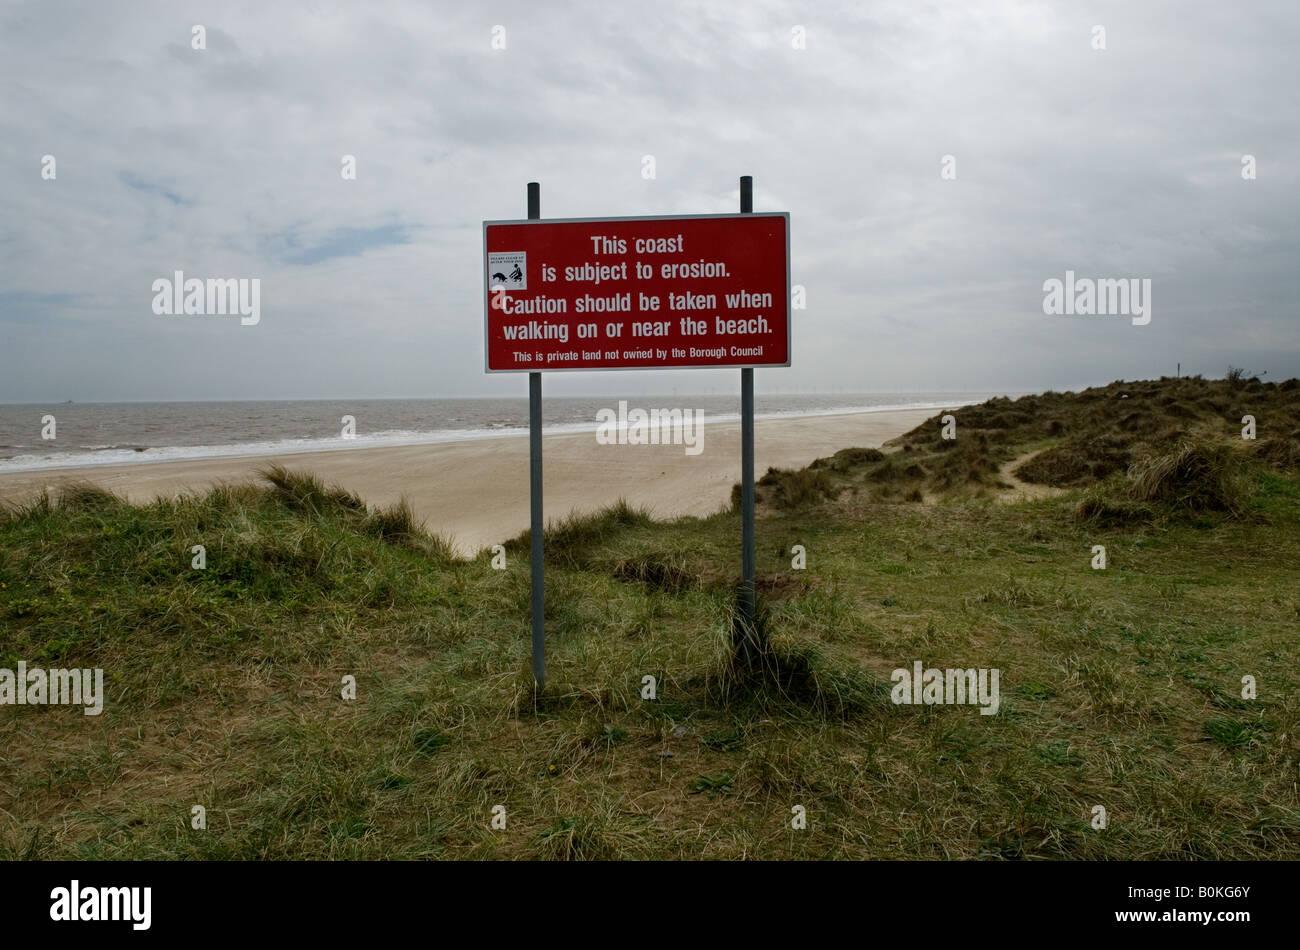 La Gran Bretagna REGNO UNITO Inghilterra erosione costiera erosione spiaggia mare riscaldamento globale Winterton Immagini Stock